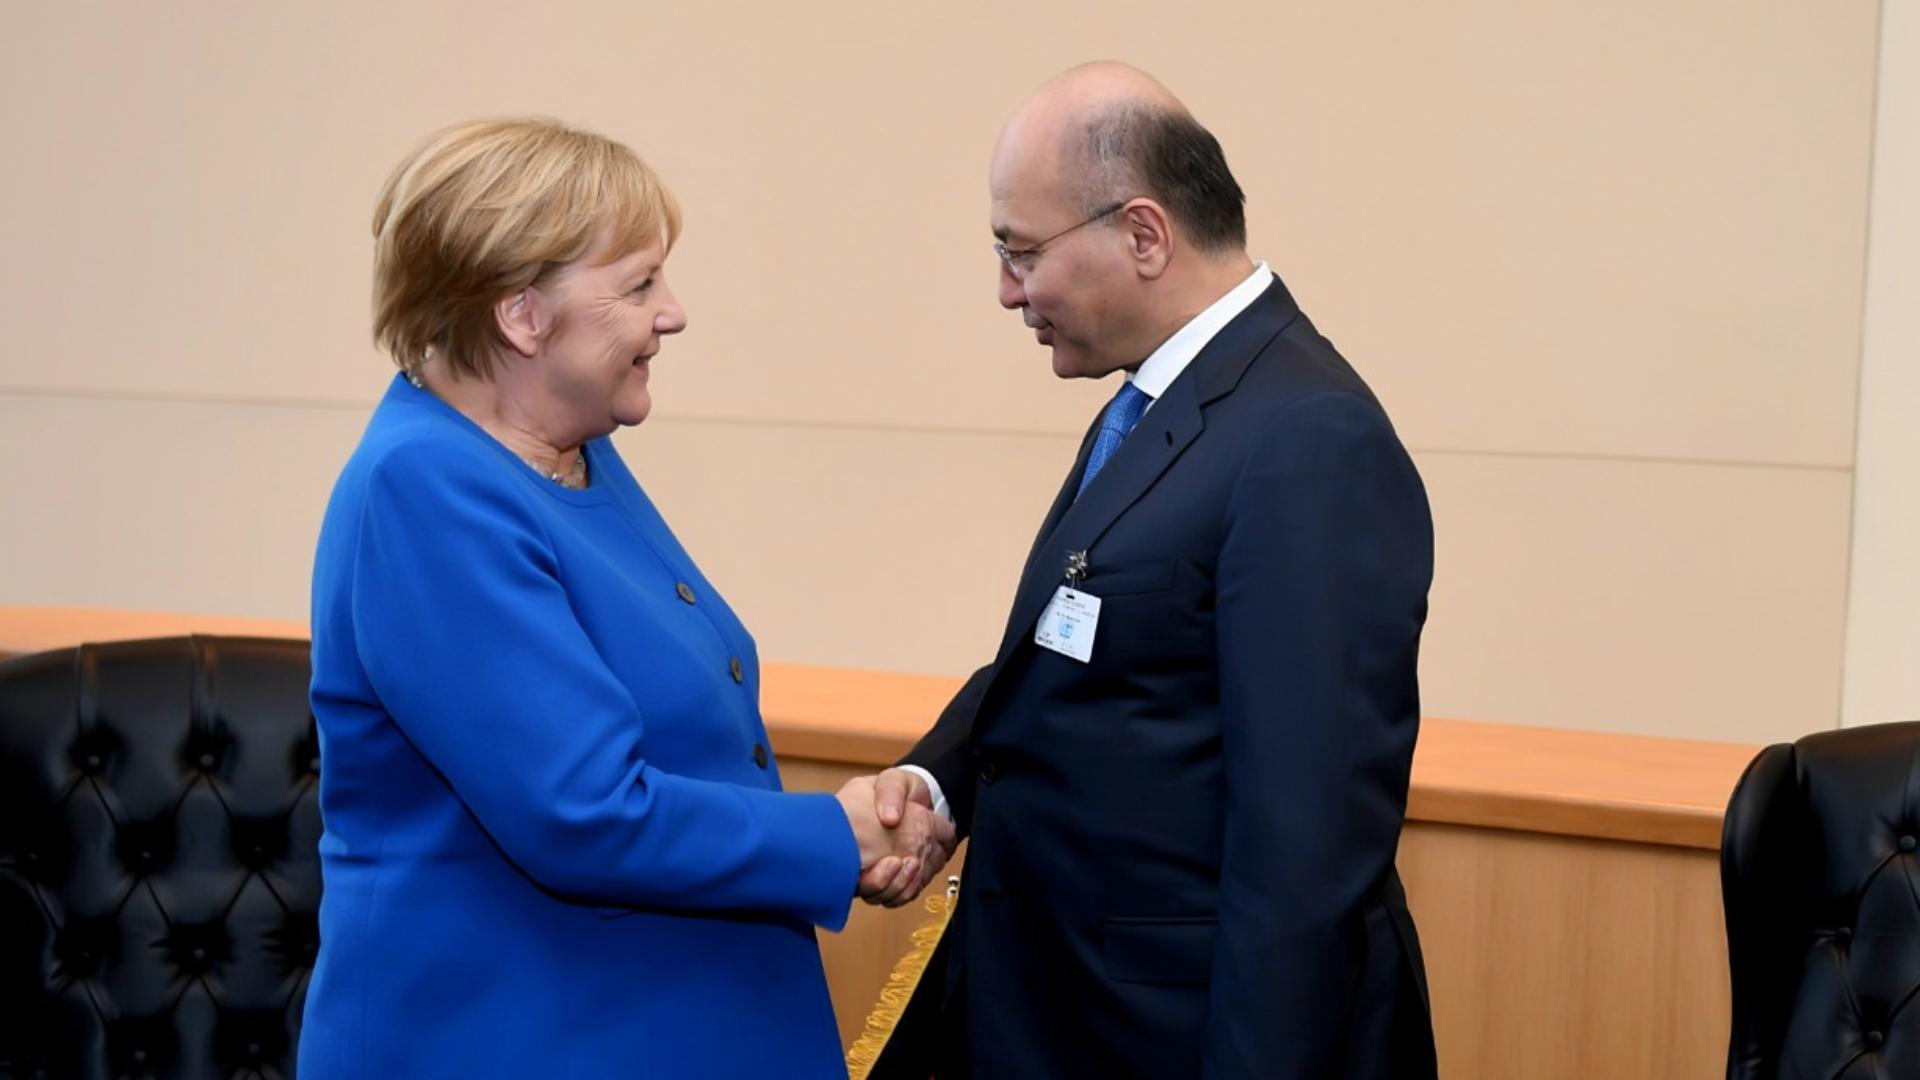 الرئيس صالح يؤكد أهمية التفاهم على هامش الجمعية العام للأمم المتحدة